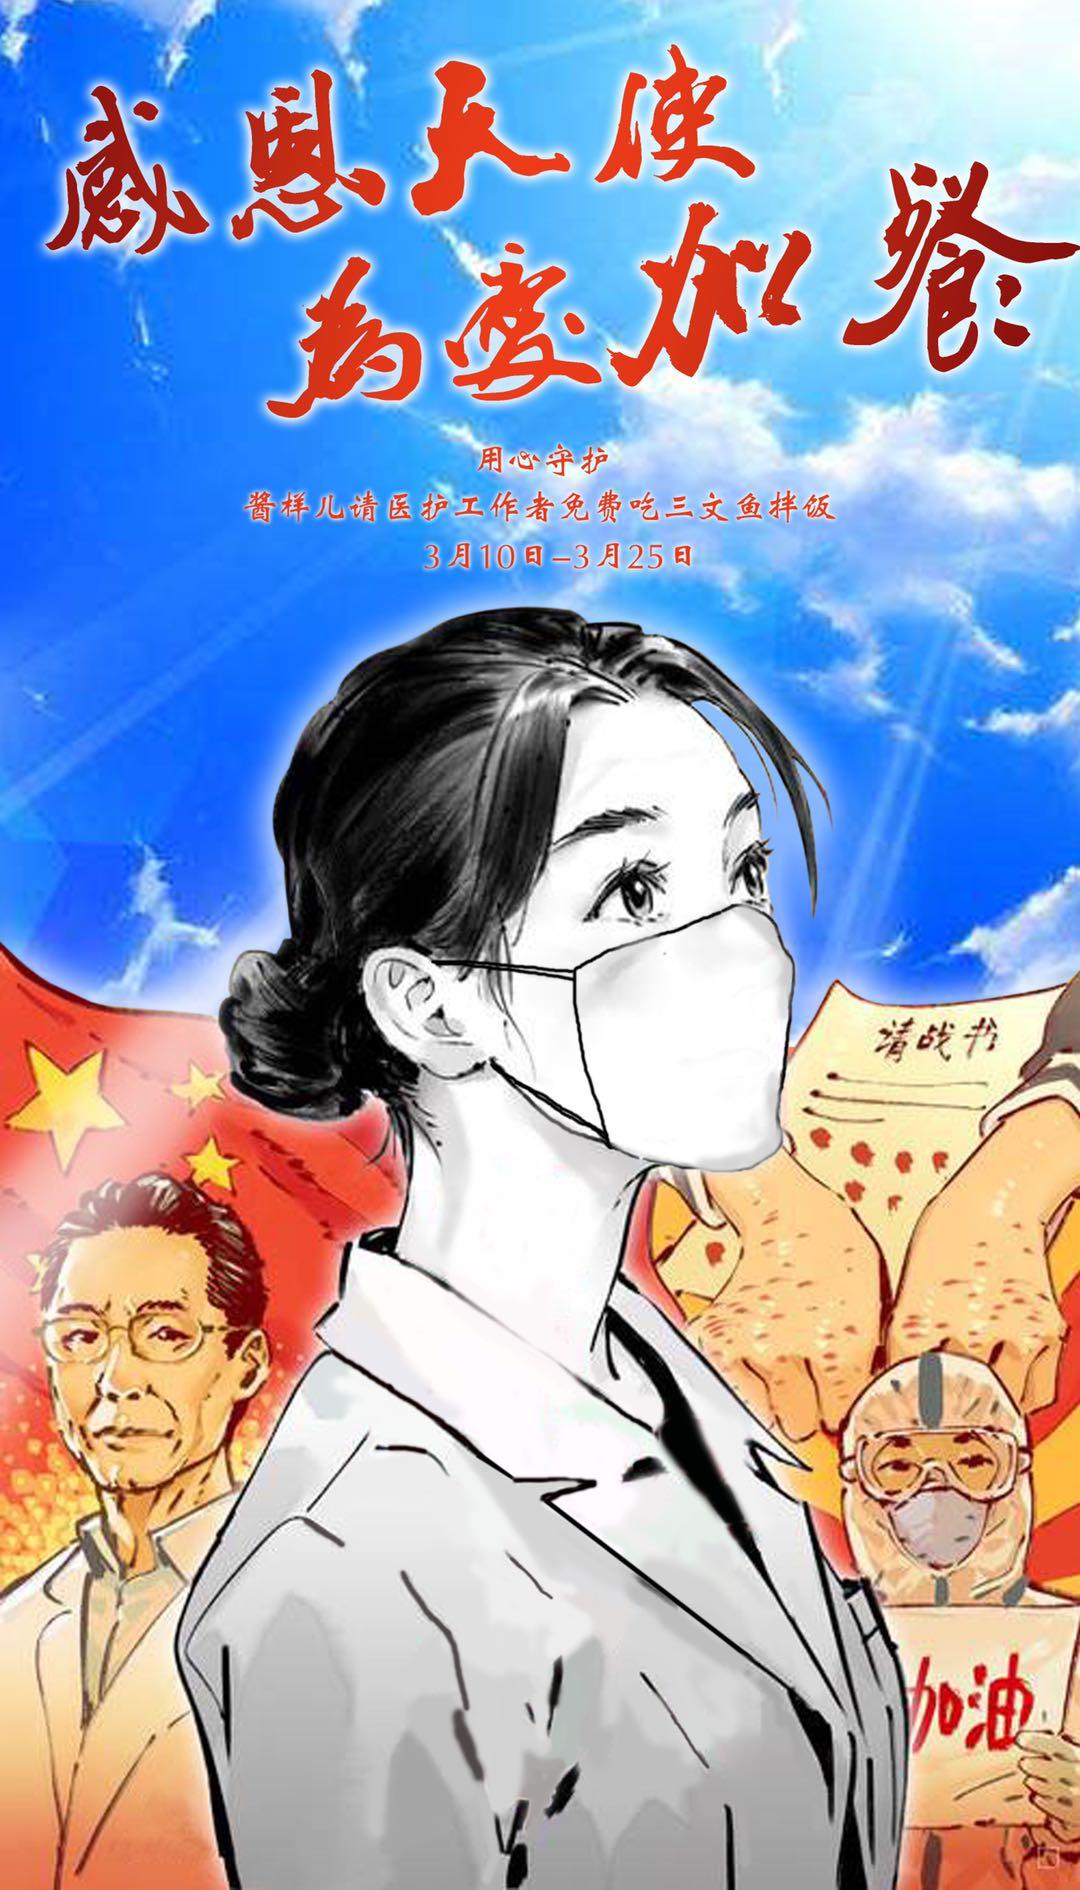 """""""感恩天使、为爱加餐"""" —酱样儿请医护人员免费吃三文鱼石锅拌饭"""